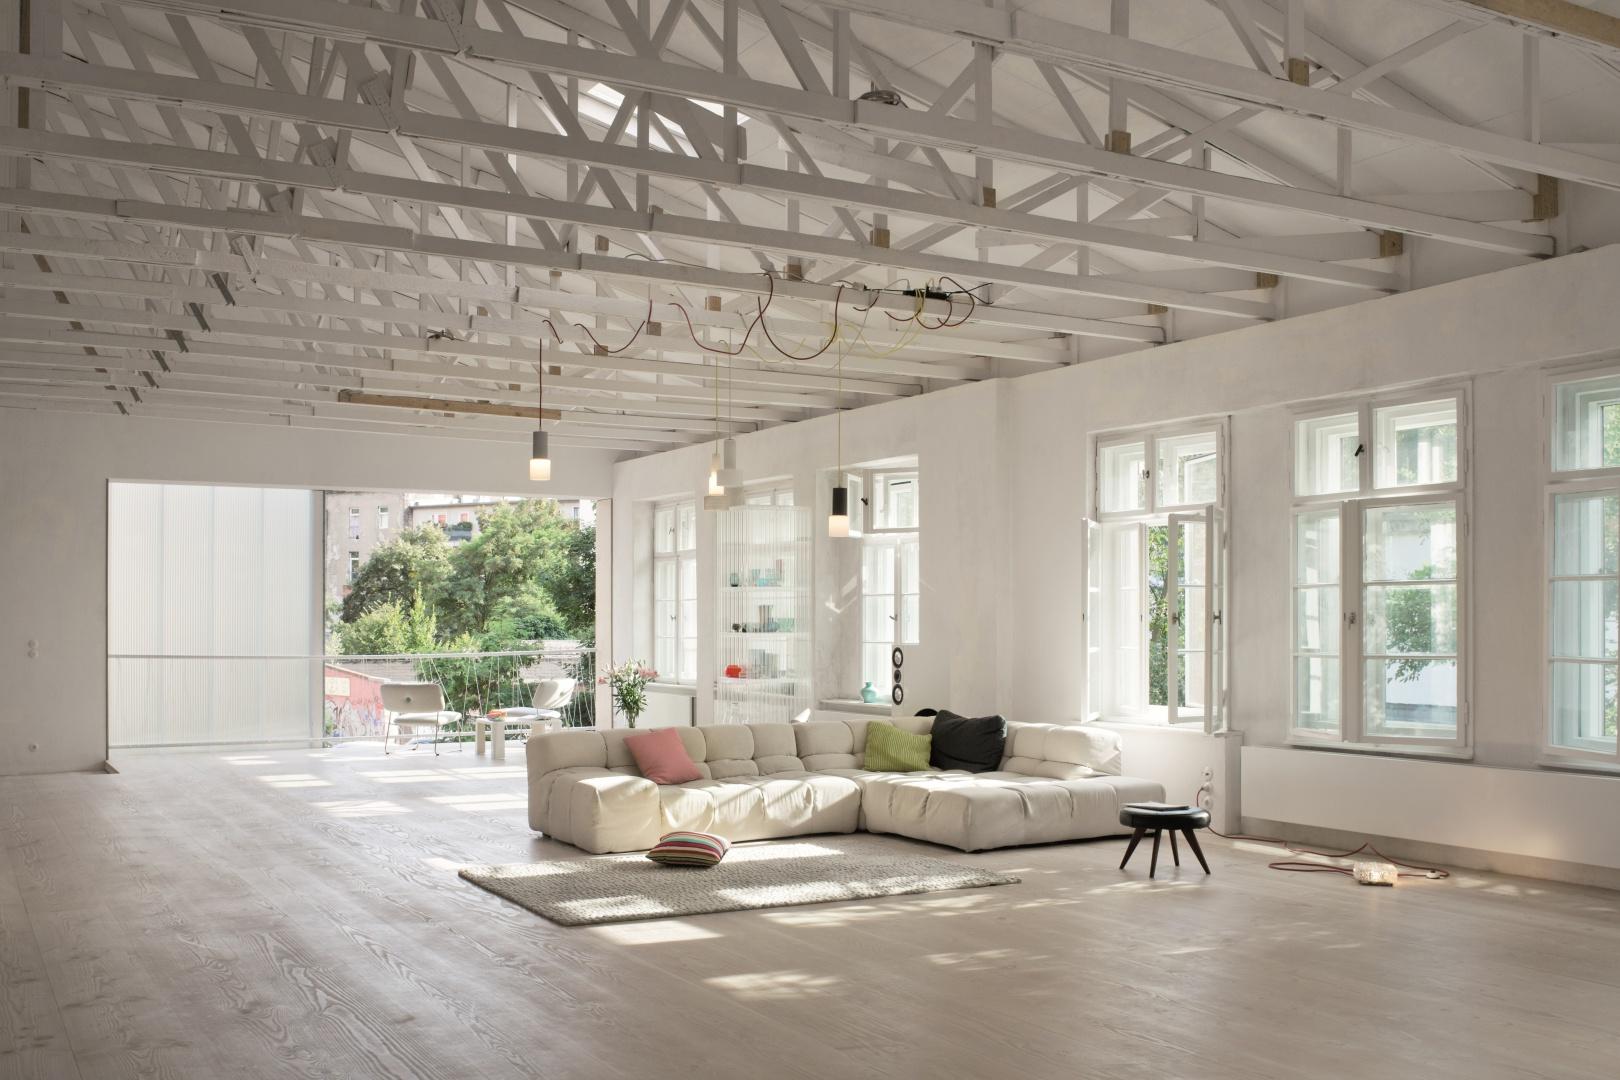 Klasyczna a zarazem nowoczesna seria Berker 1930 w funkcjonalnym stylu Bauhaus nadaje pomieszczeniom wyjątkowy charakter, tworząc idealne połączenie nowoczesnej techniki zponadczasowym designem. Fot. Hager.